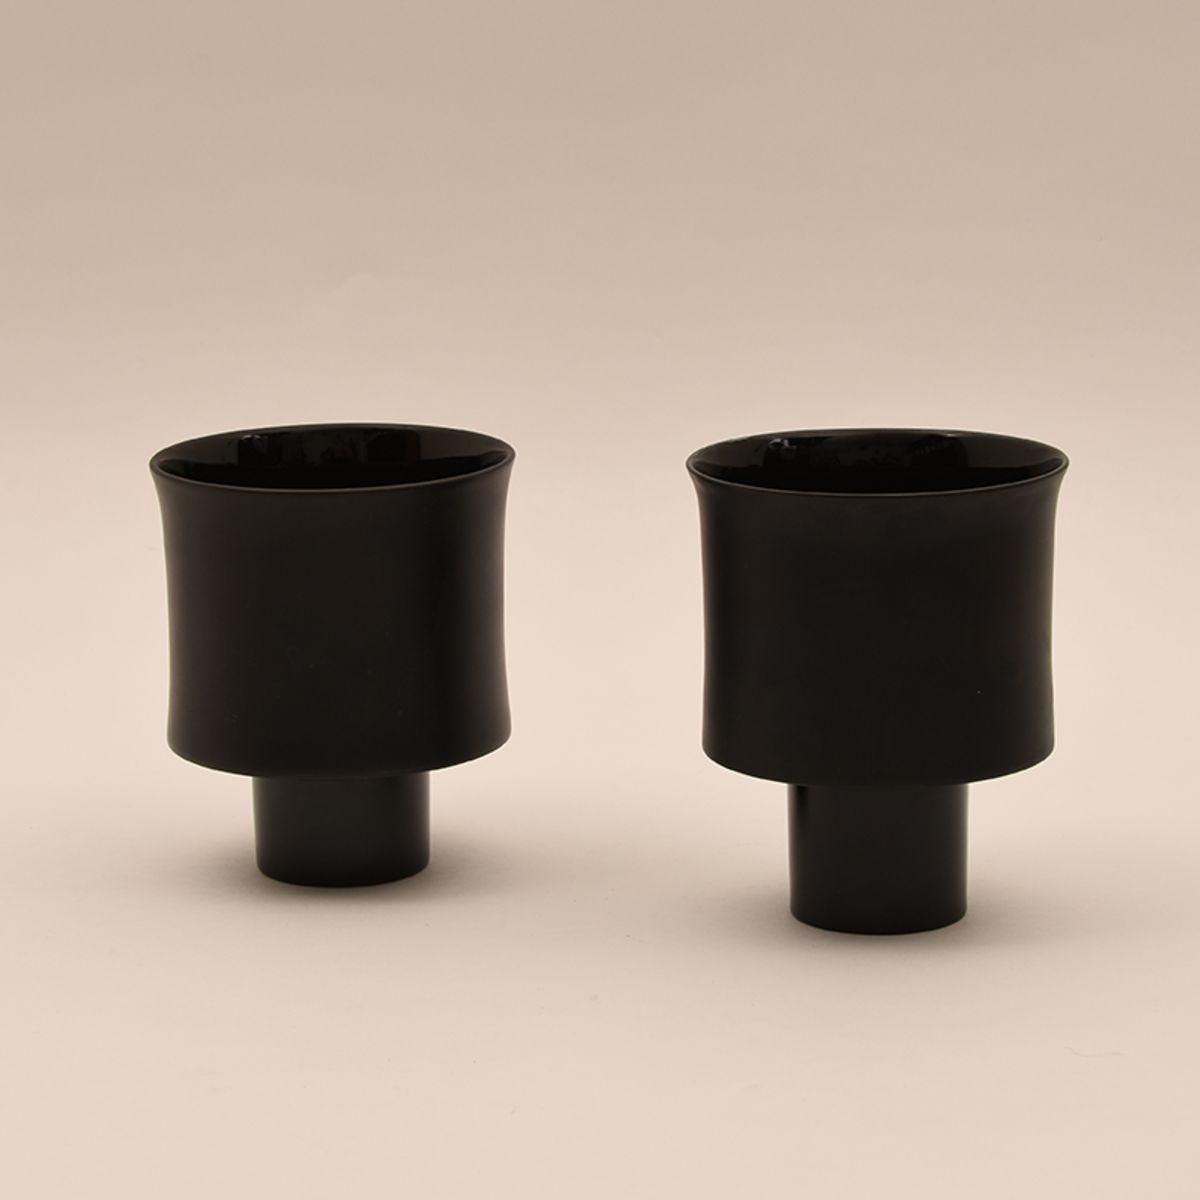 Tapio-Wirkkala_Vase-7009